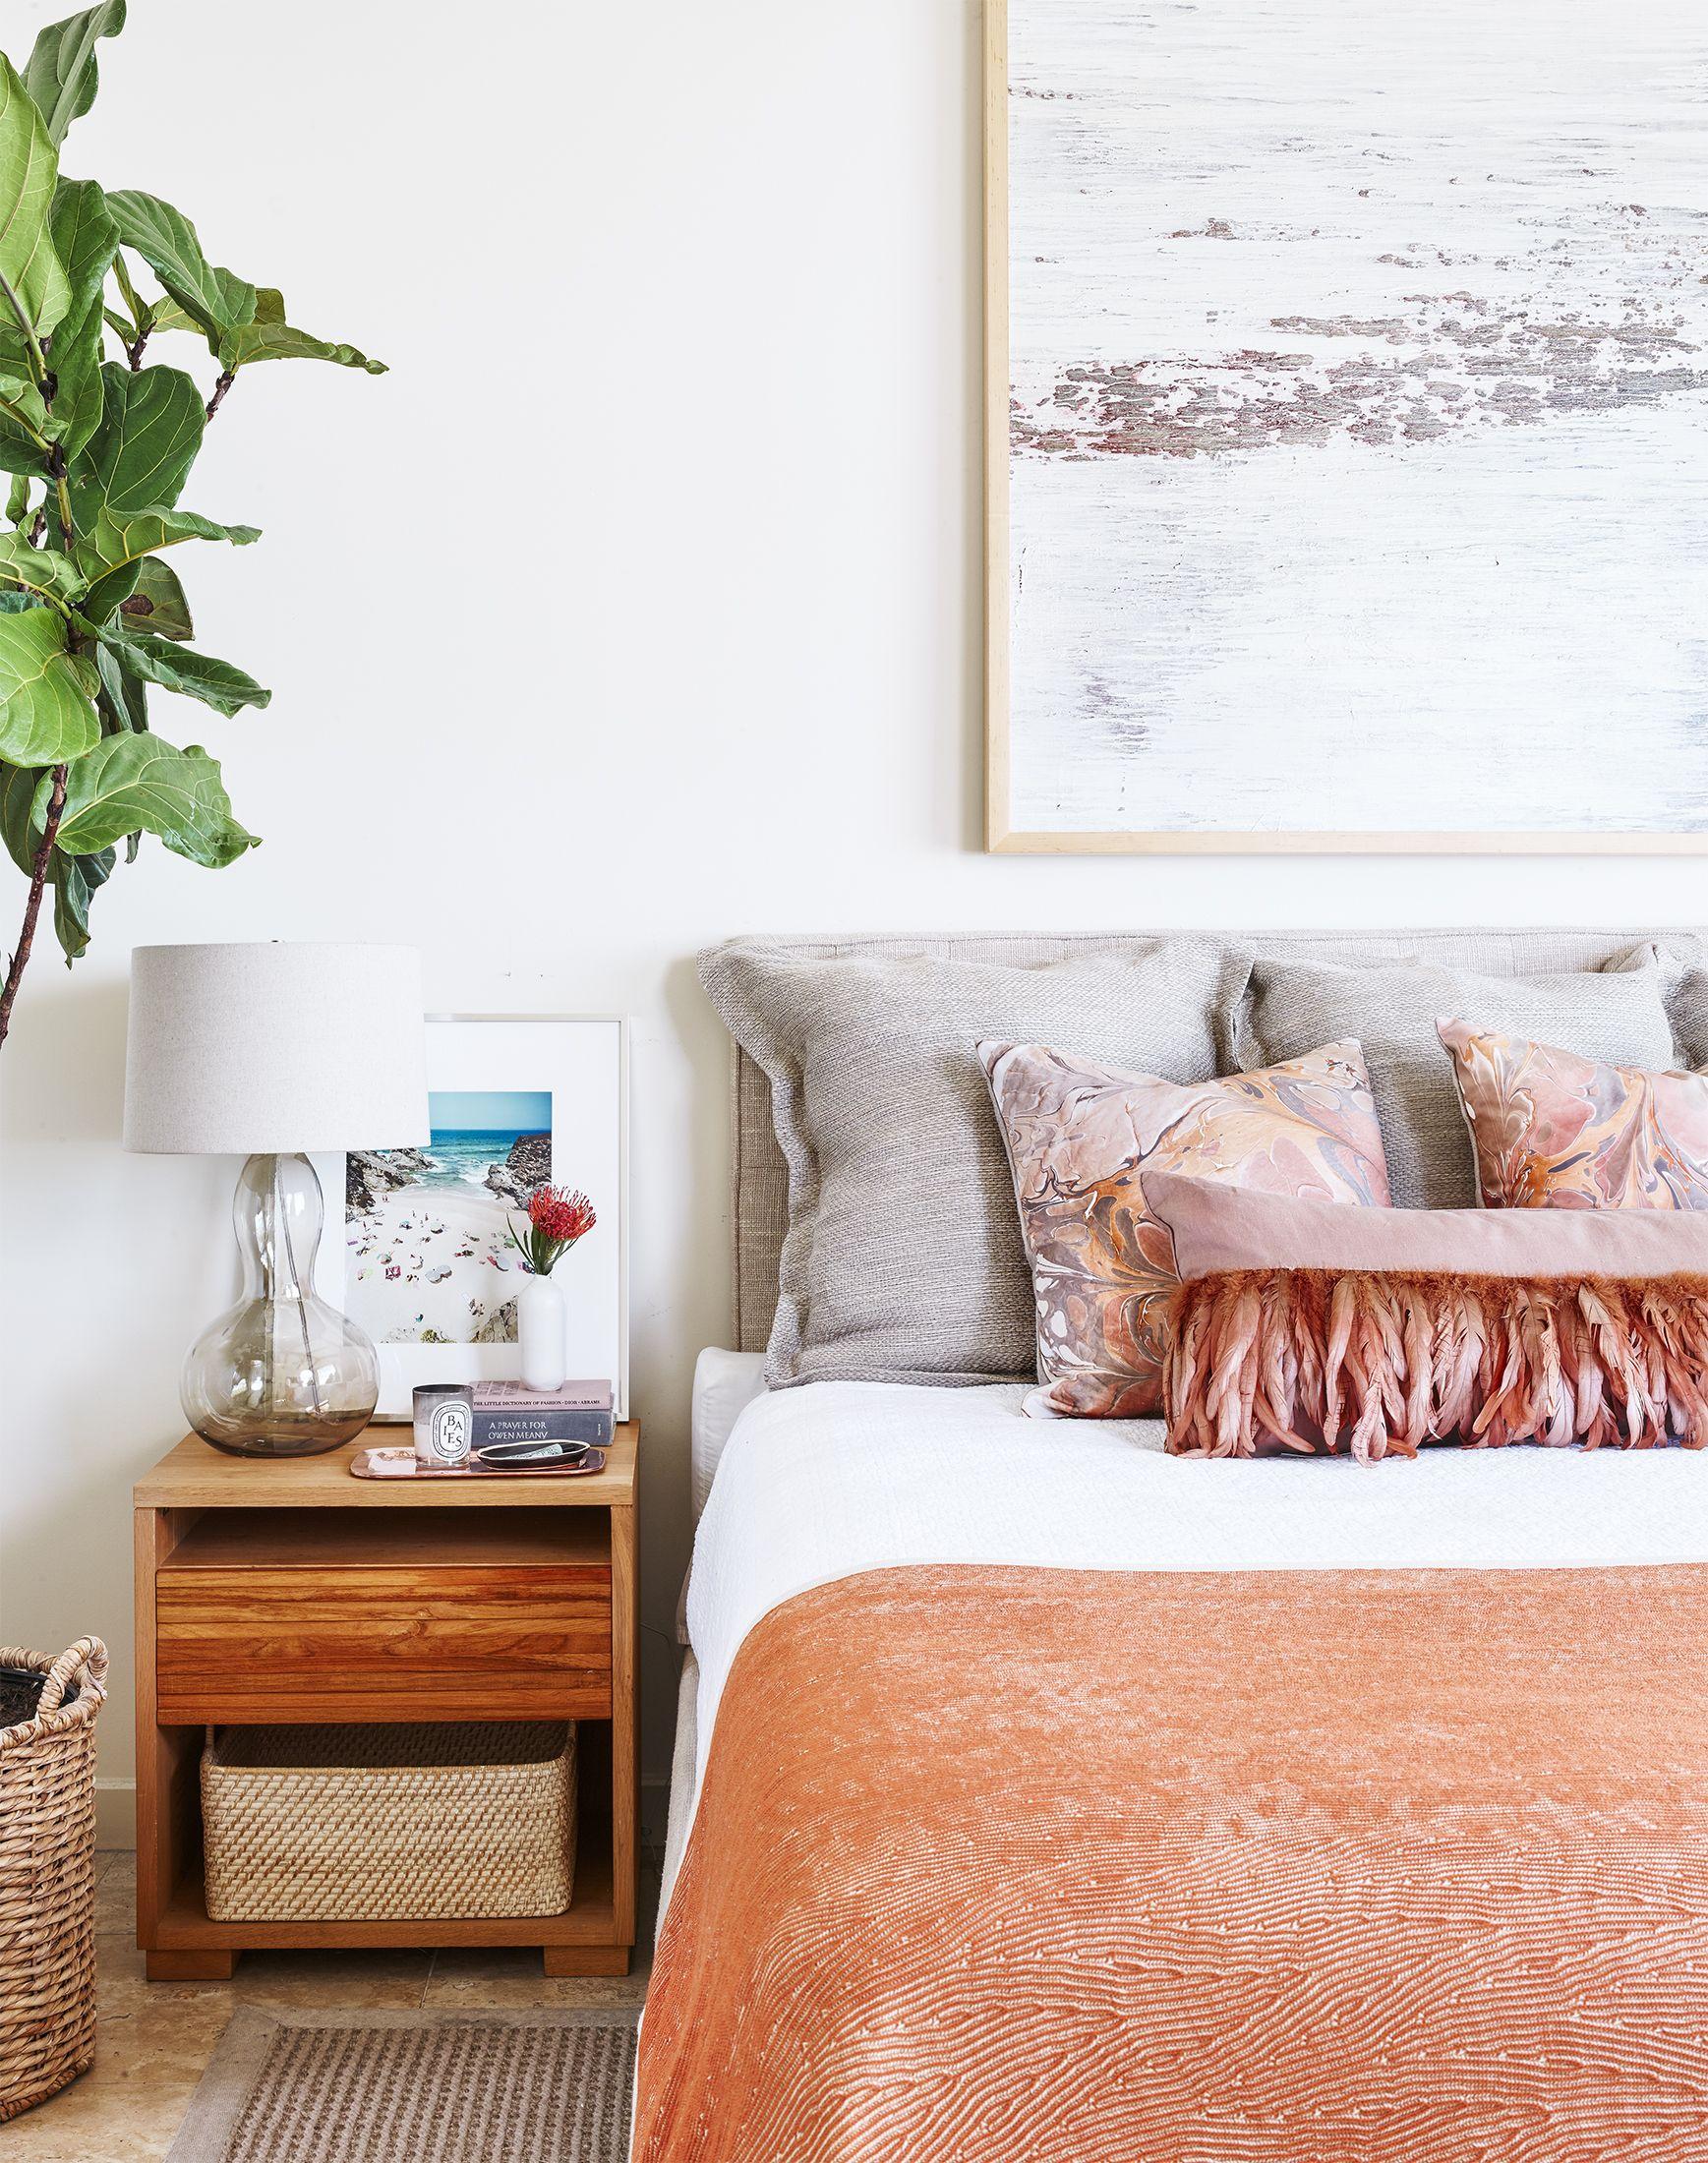 Spring Decor Ideas - Coral Bedroom